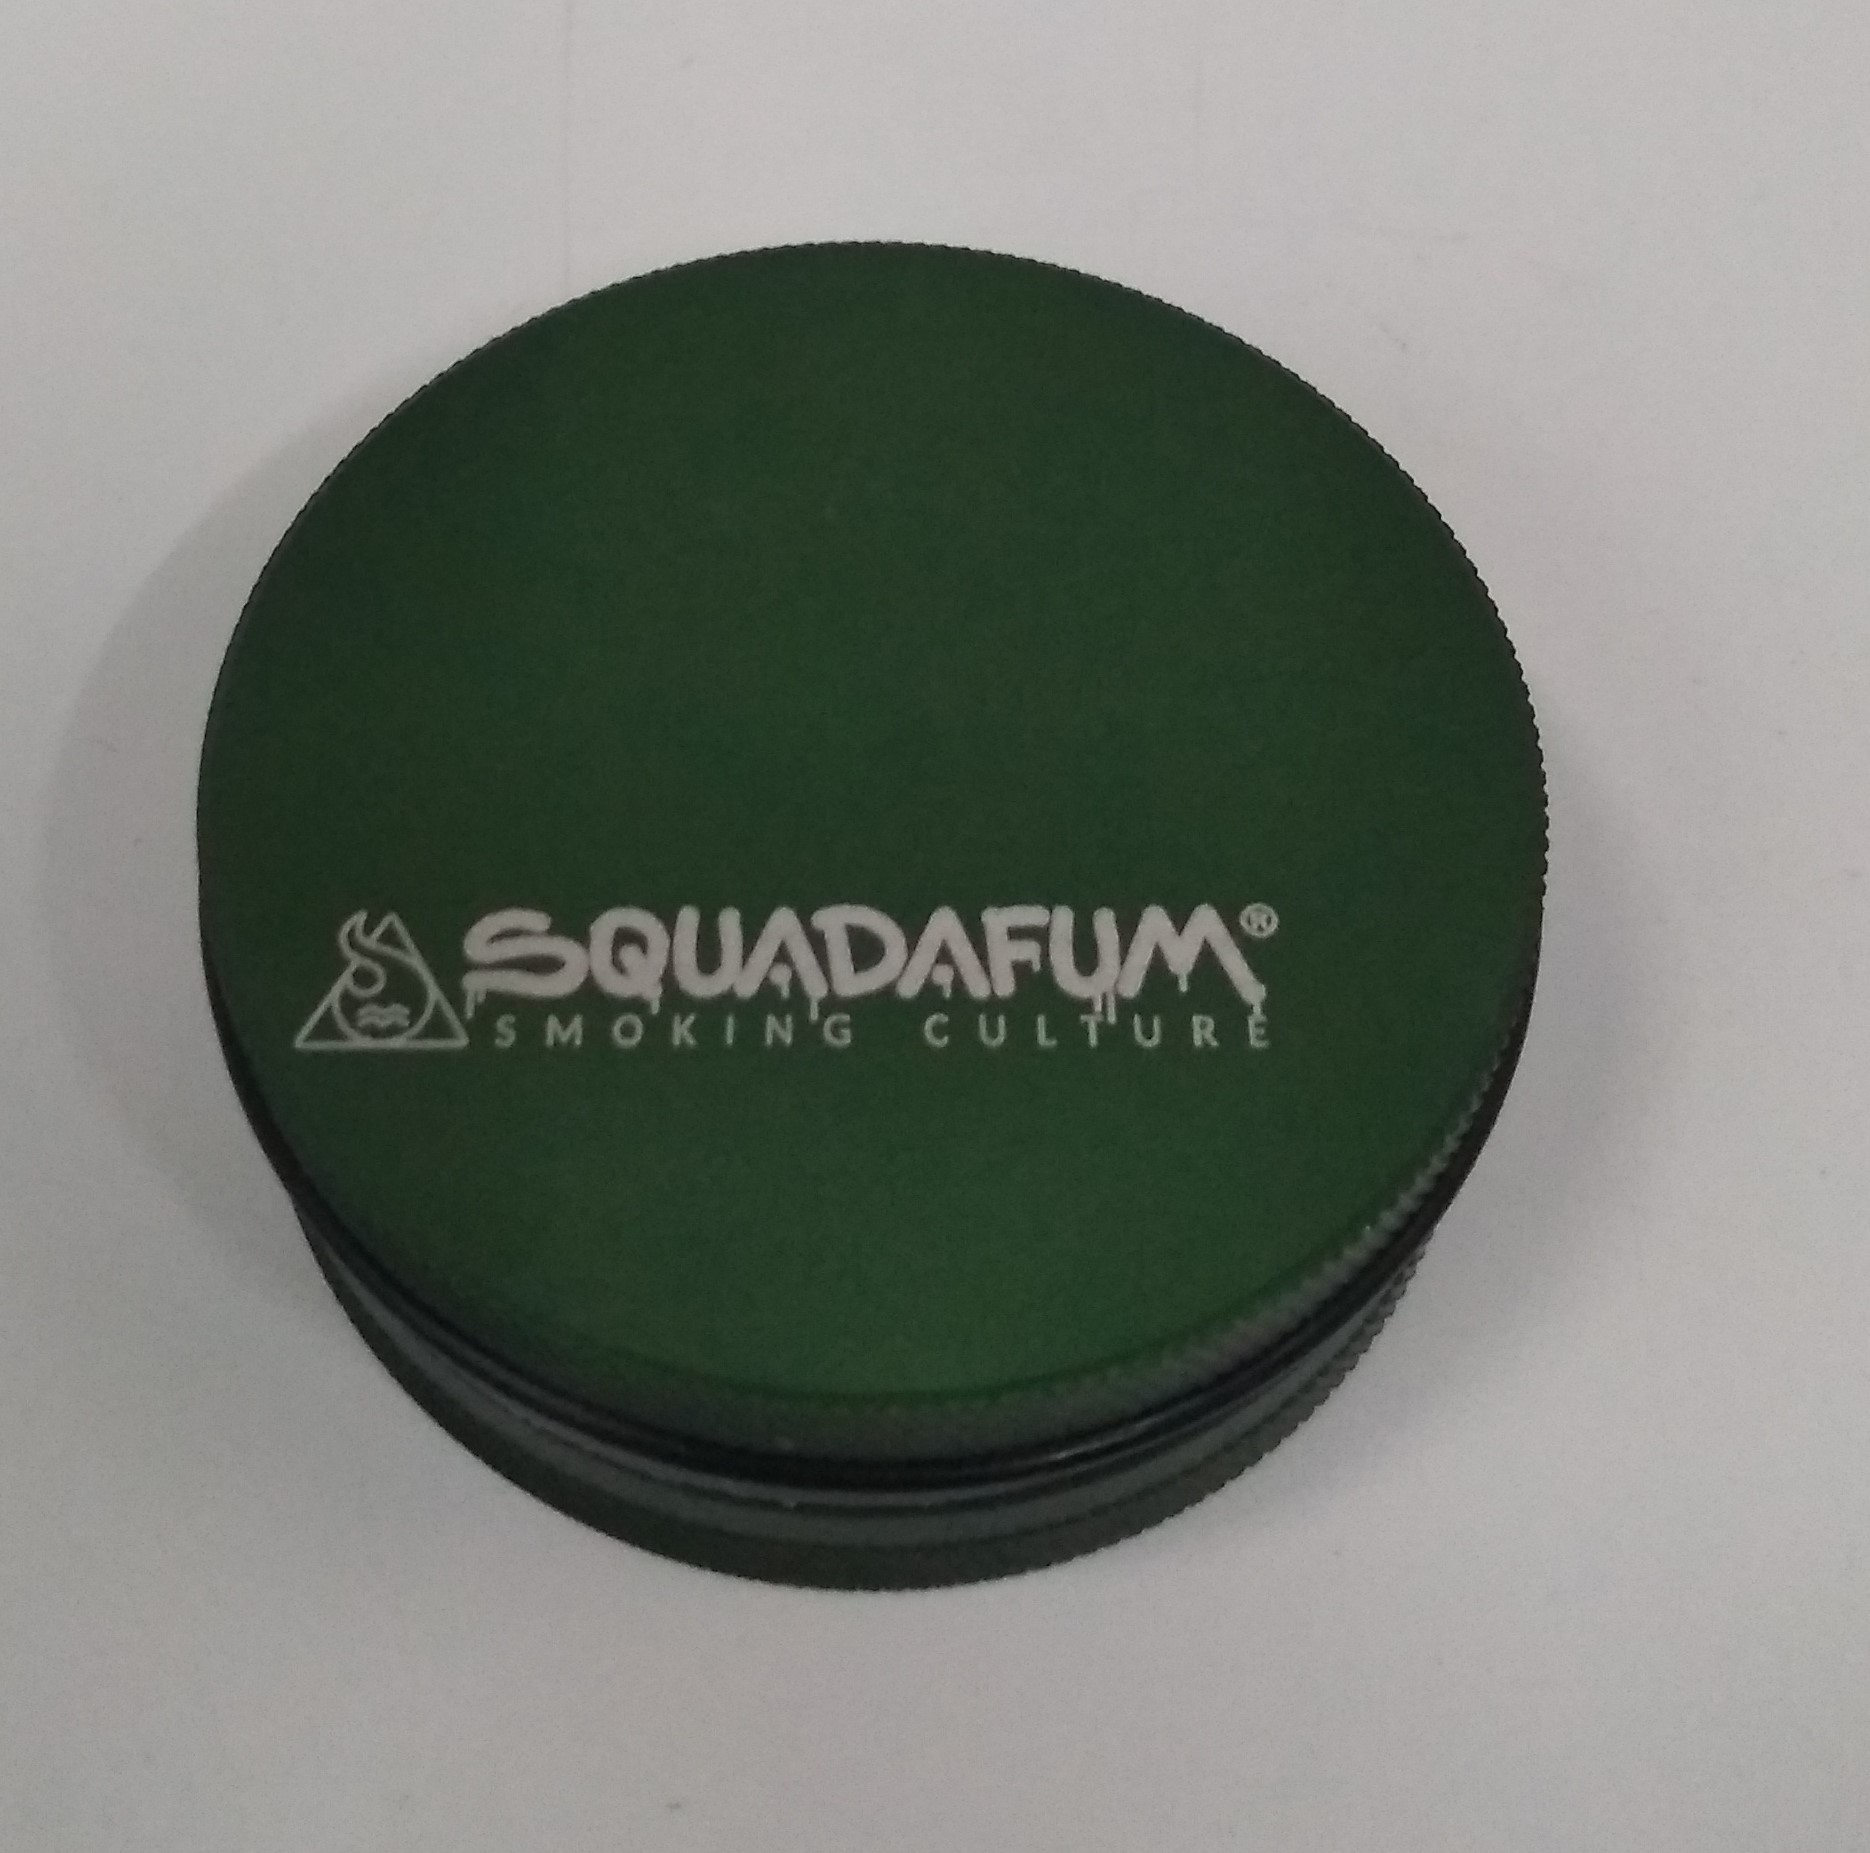 Triturador Squadafum 4002 Verde